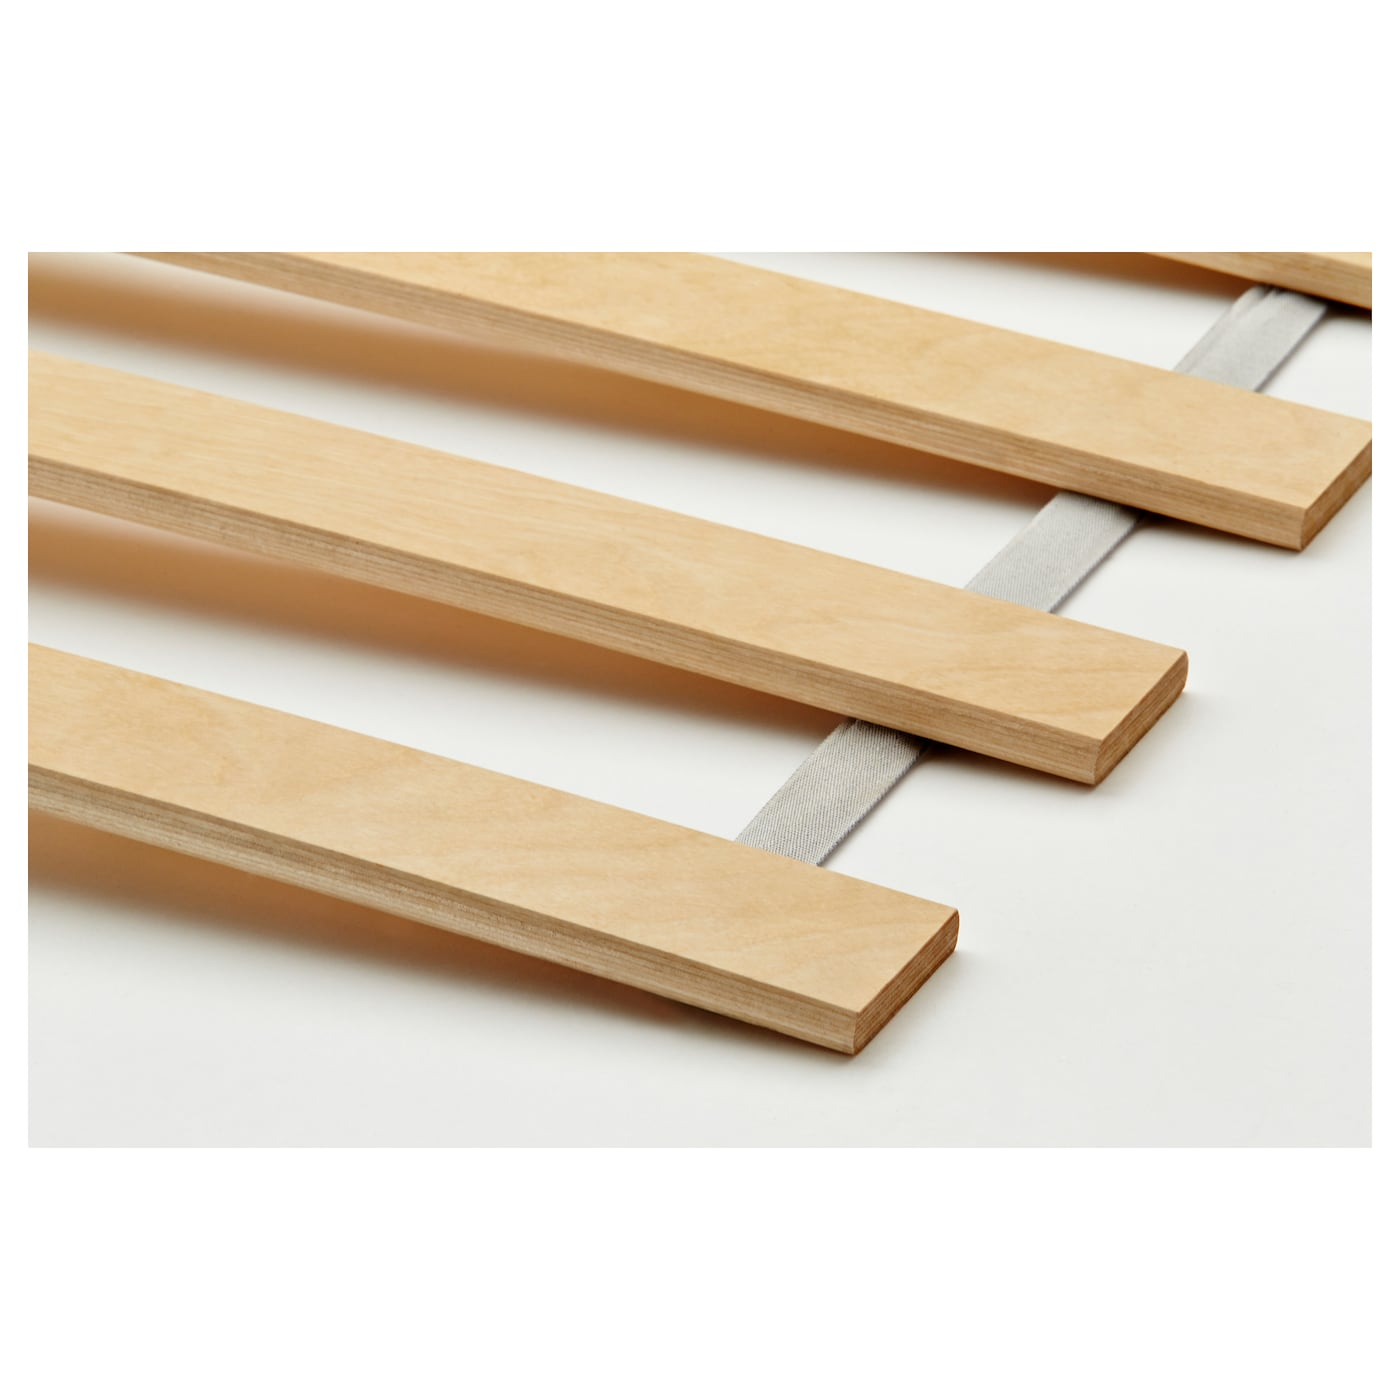 LURÖY Somier de láminas 90 x 200 cm - IKEA